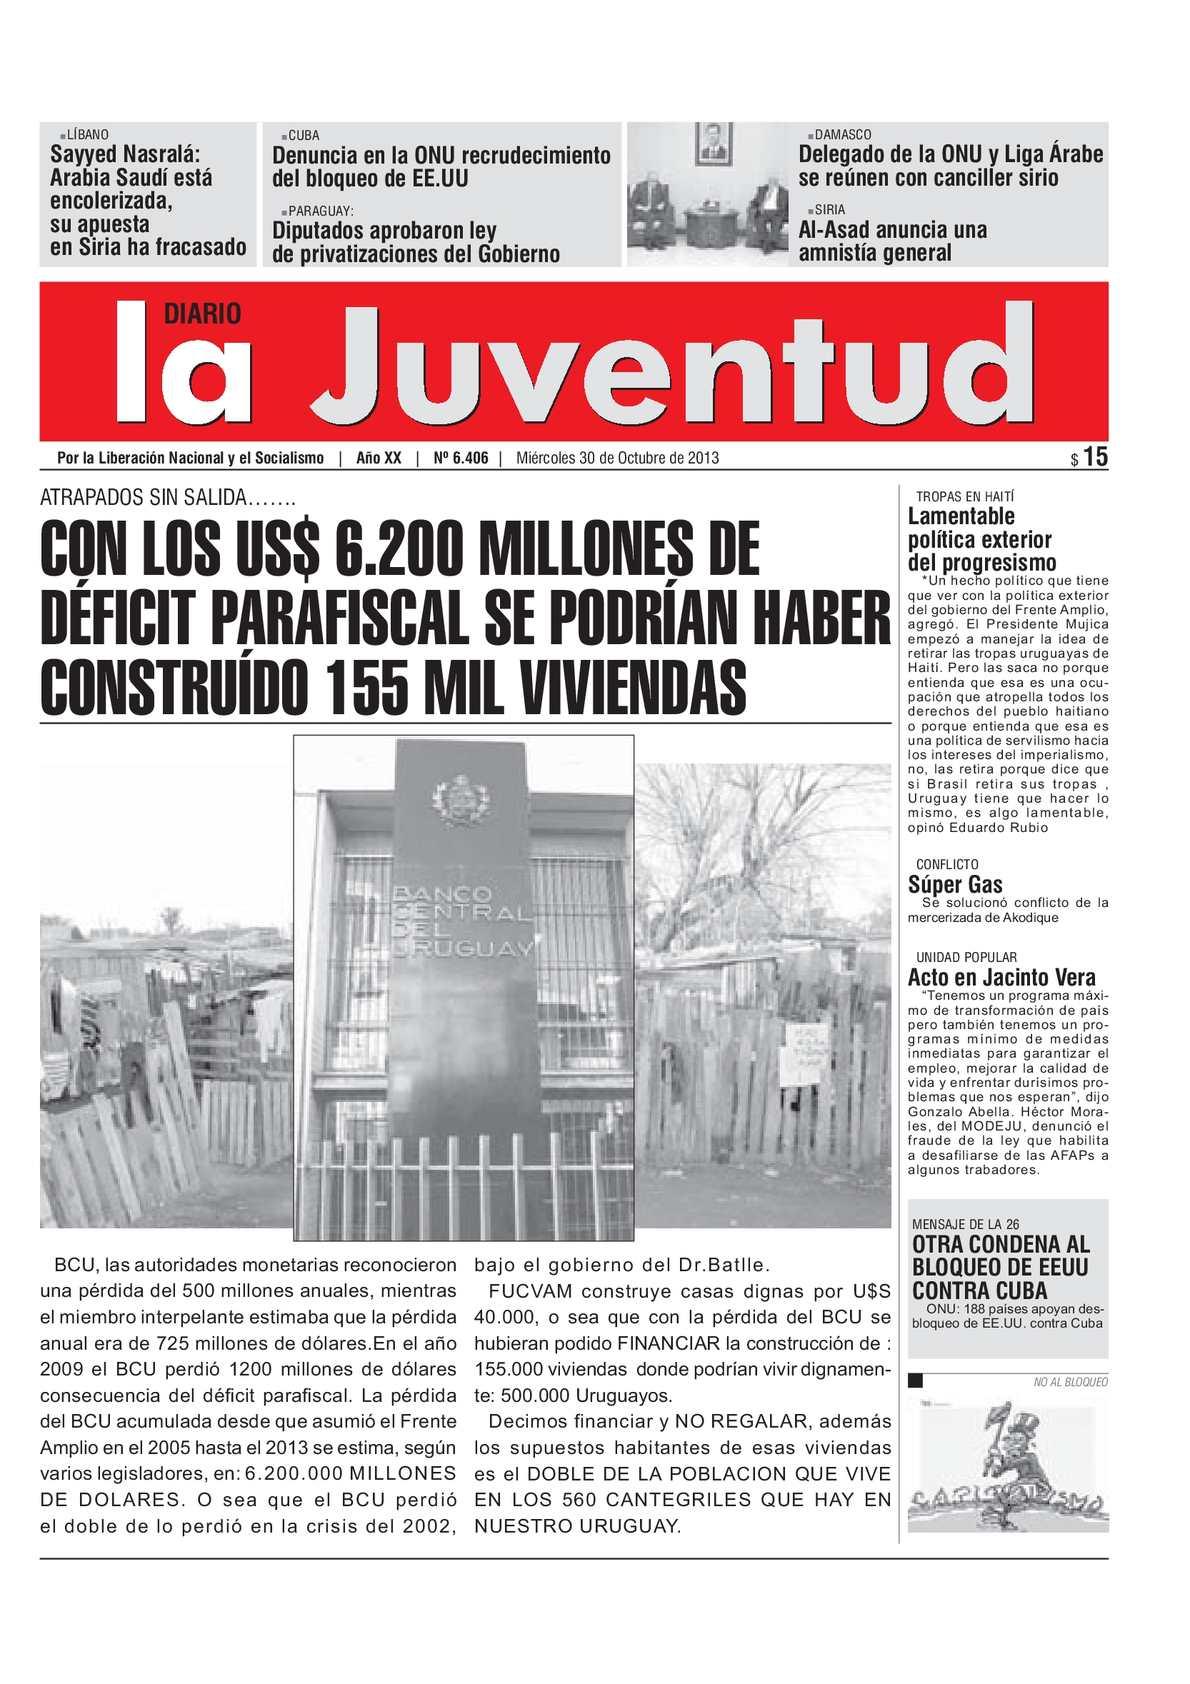 Calaméo - CON LOS US$ 6.200 MILLONES DE DÉFICIT PARAFISCAL SE ...